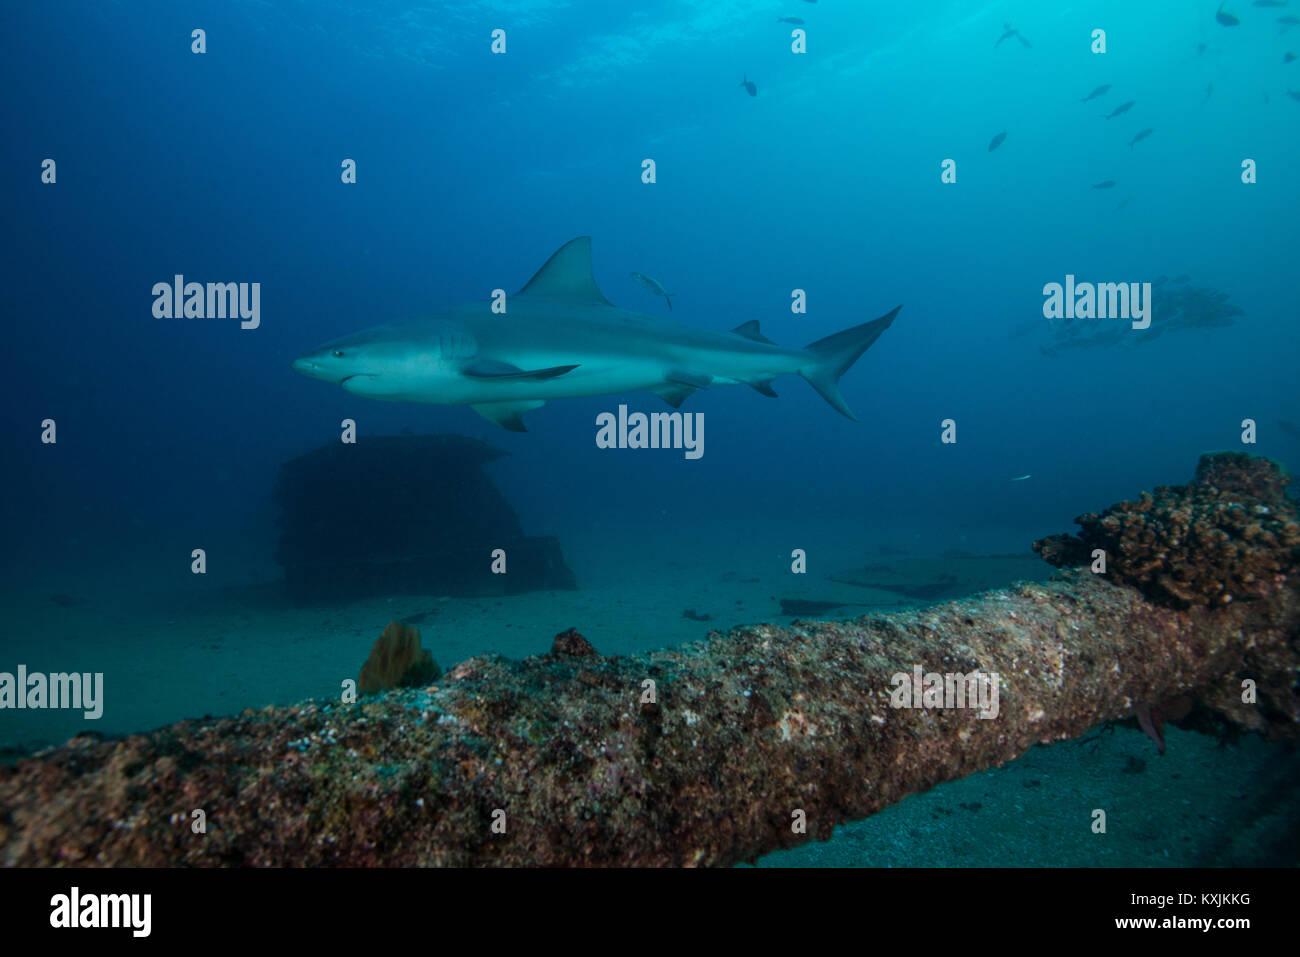 Bull shark, Punta Baja, Baja California, Mexico - Stock Image